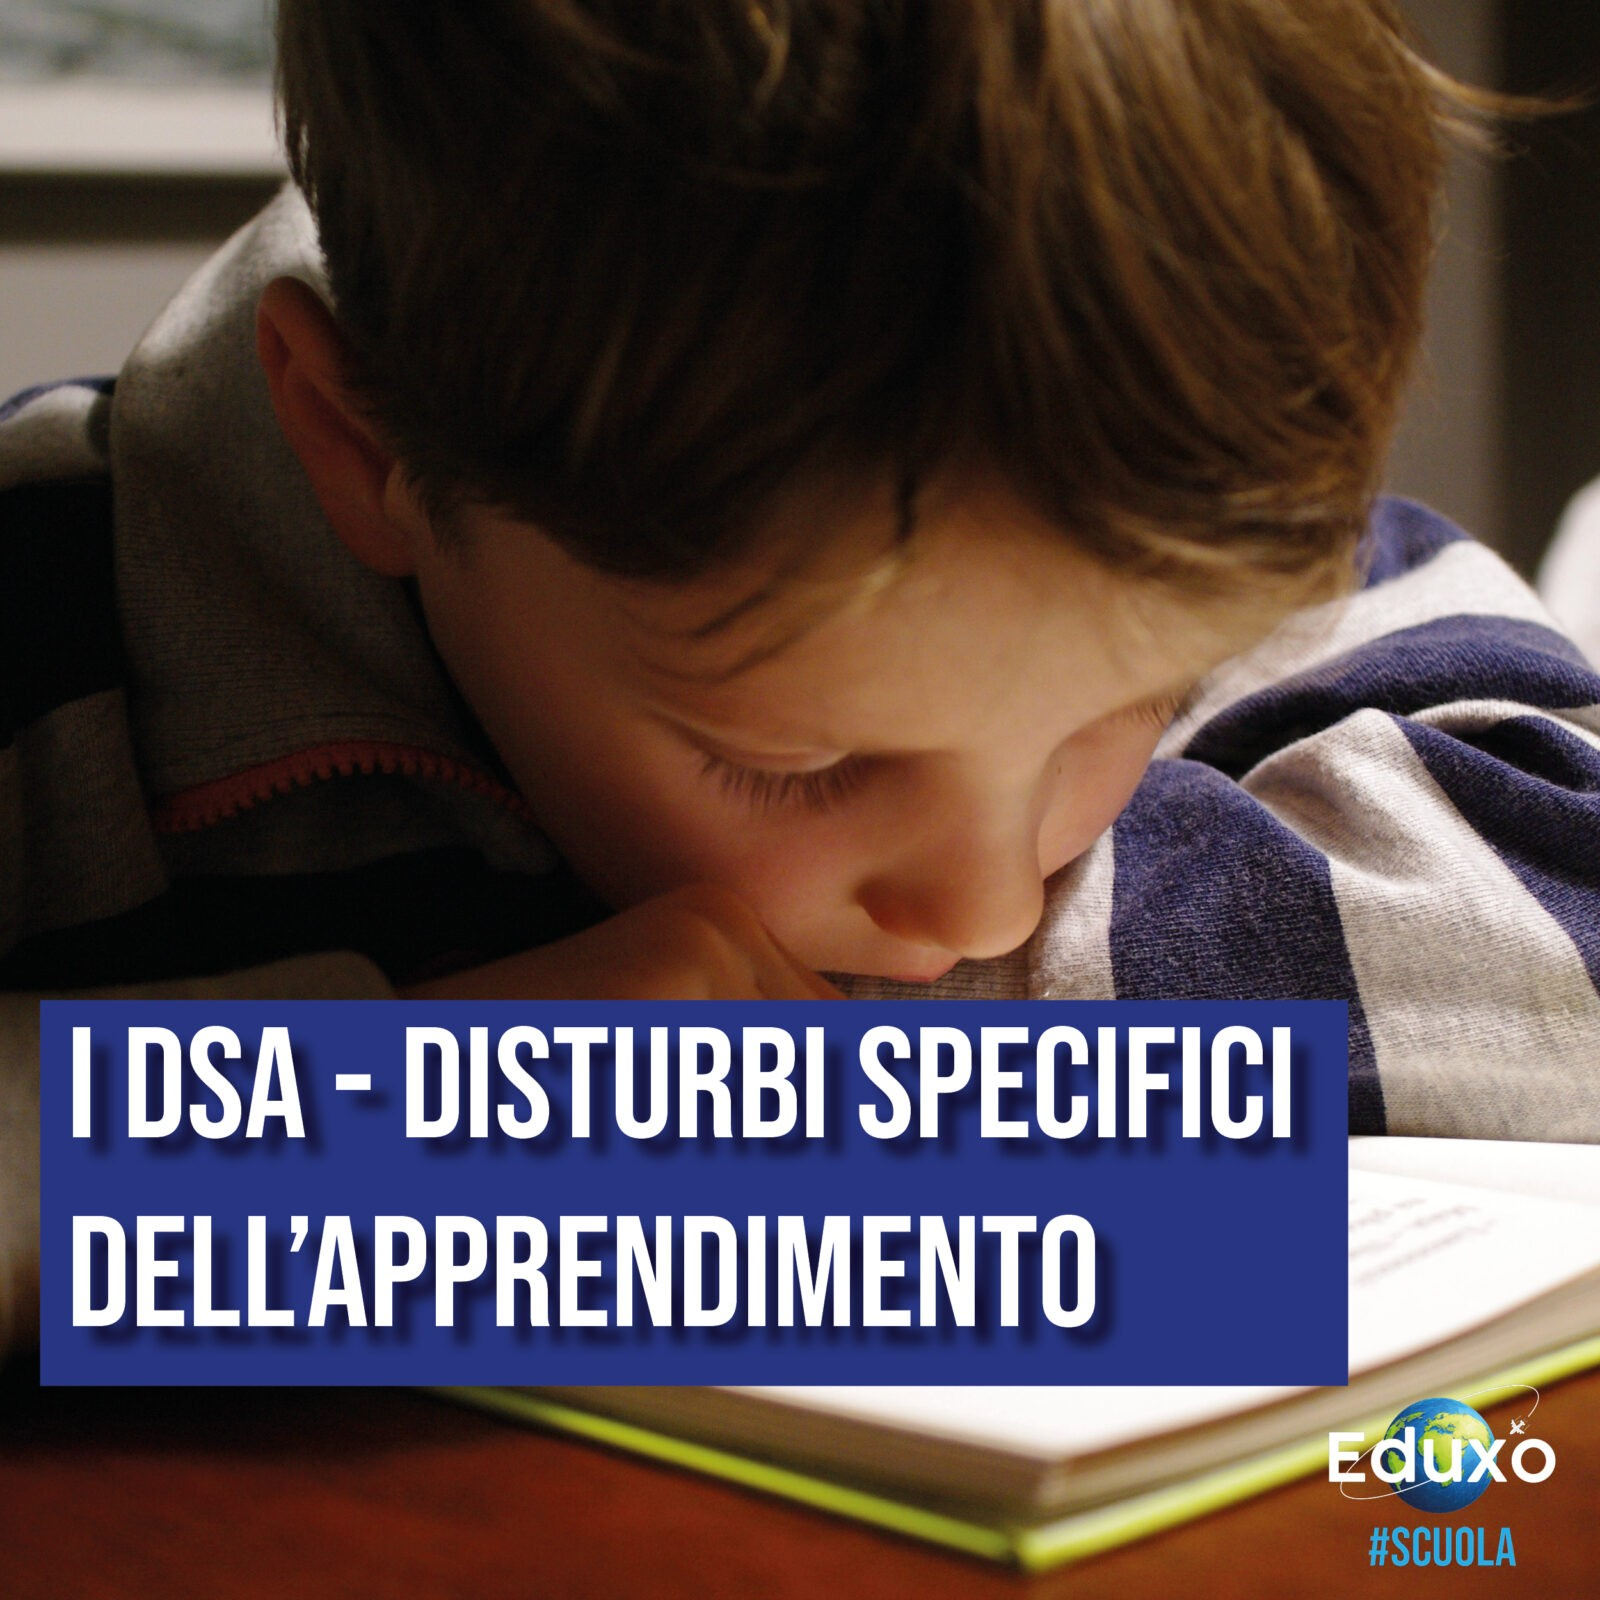 You are currently viewing I DSA: I disturbi specifici dell'apprendimento